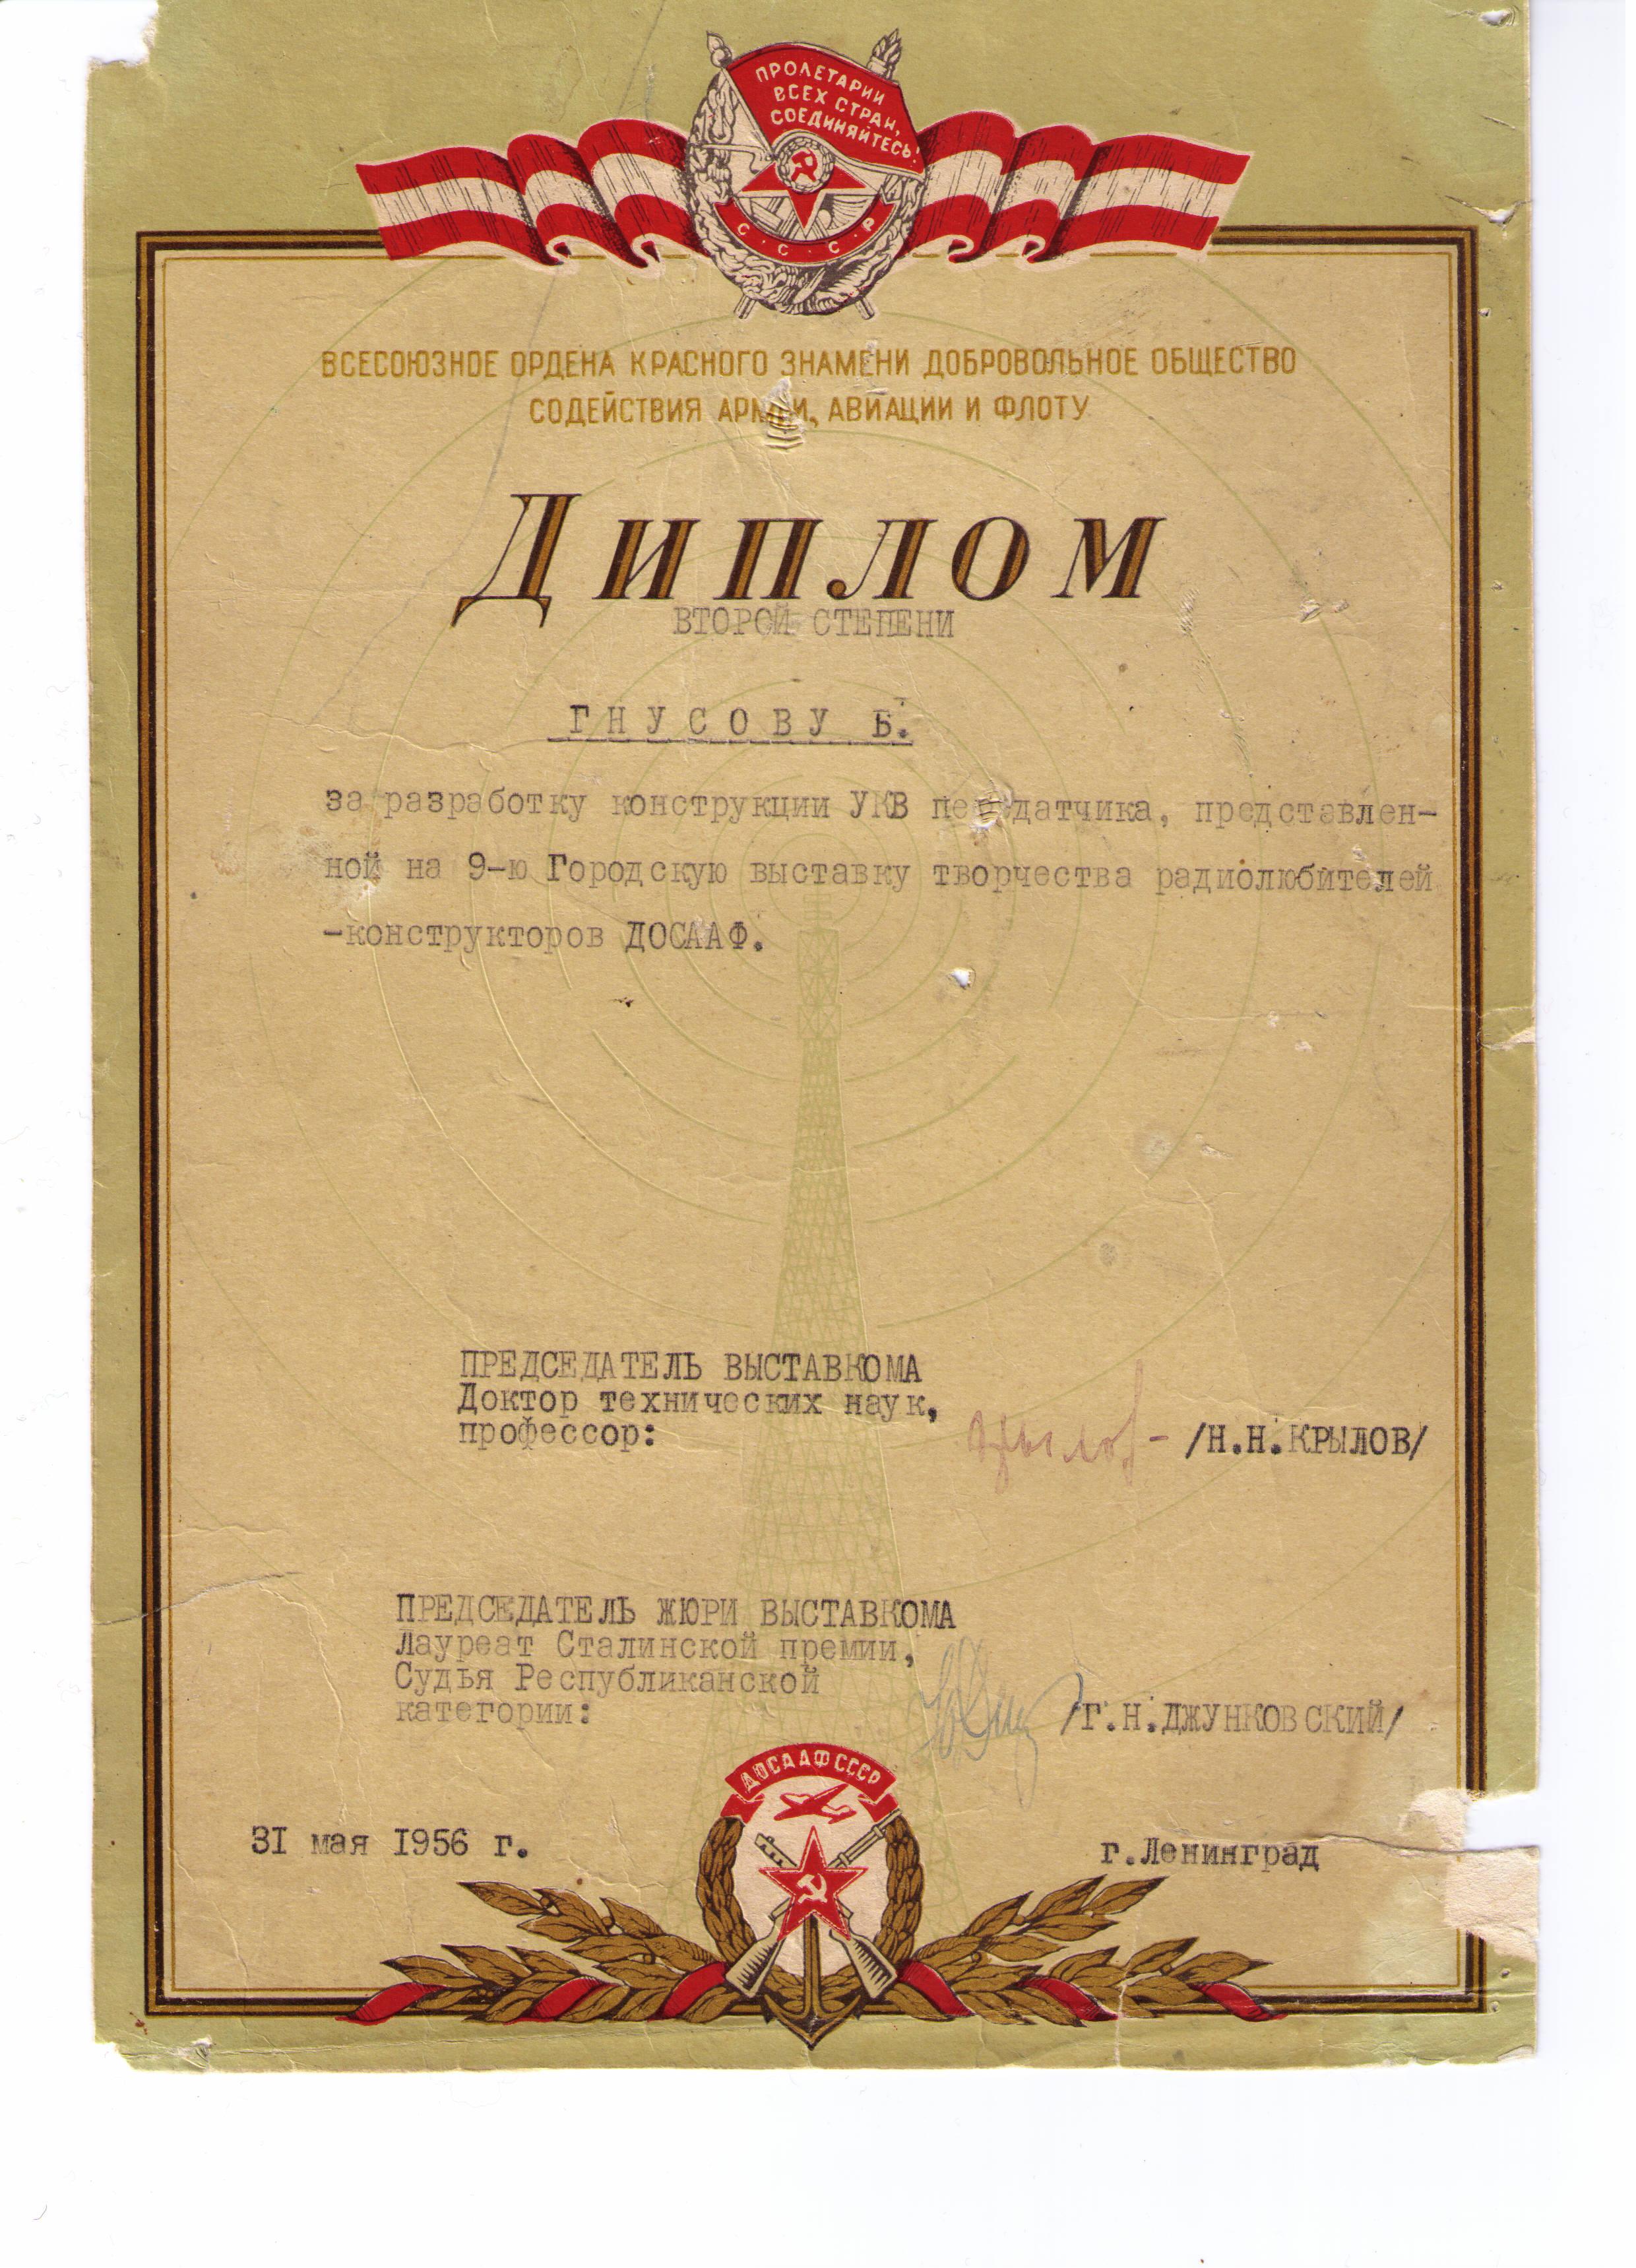 Нажмите на изображение для увеличения.  Название:Award-1956.jpg Просмотров:1358 Размер:1.23 Мб ID:15146